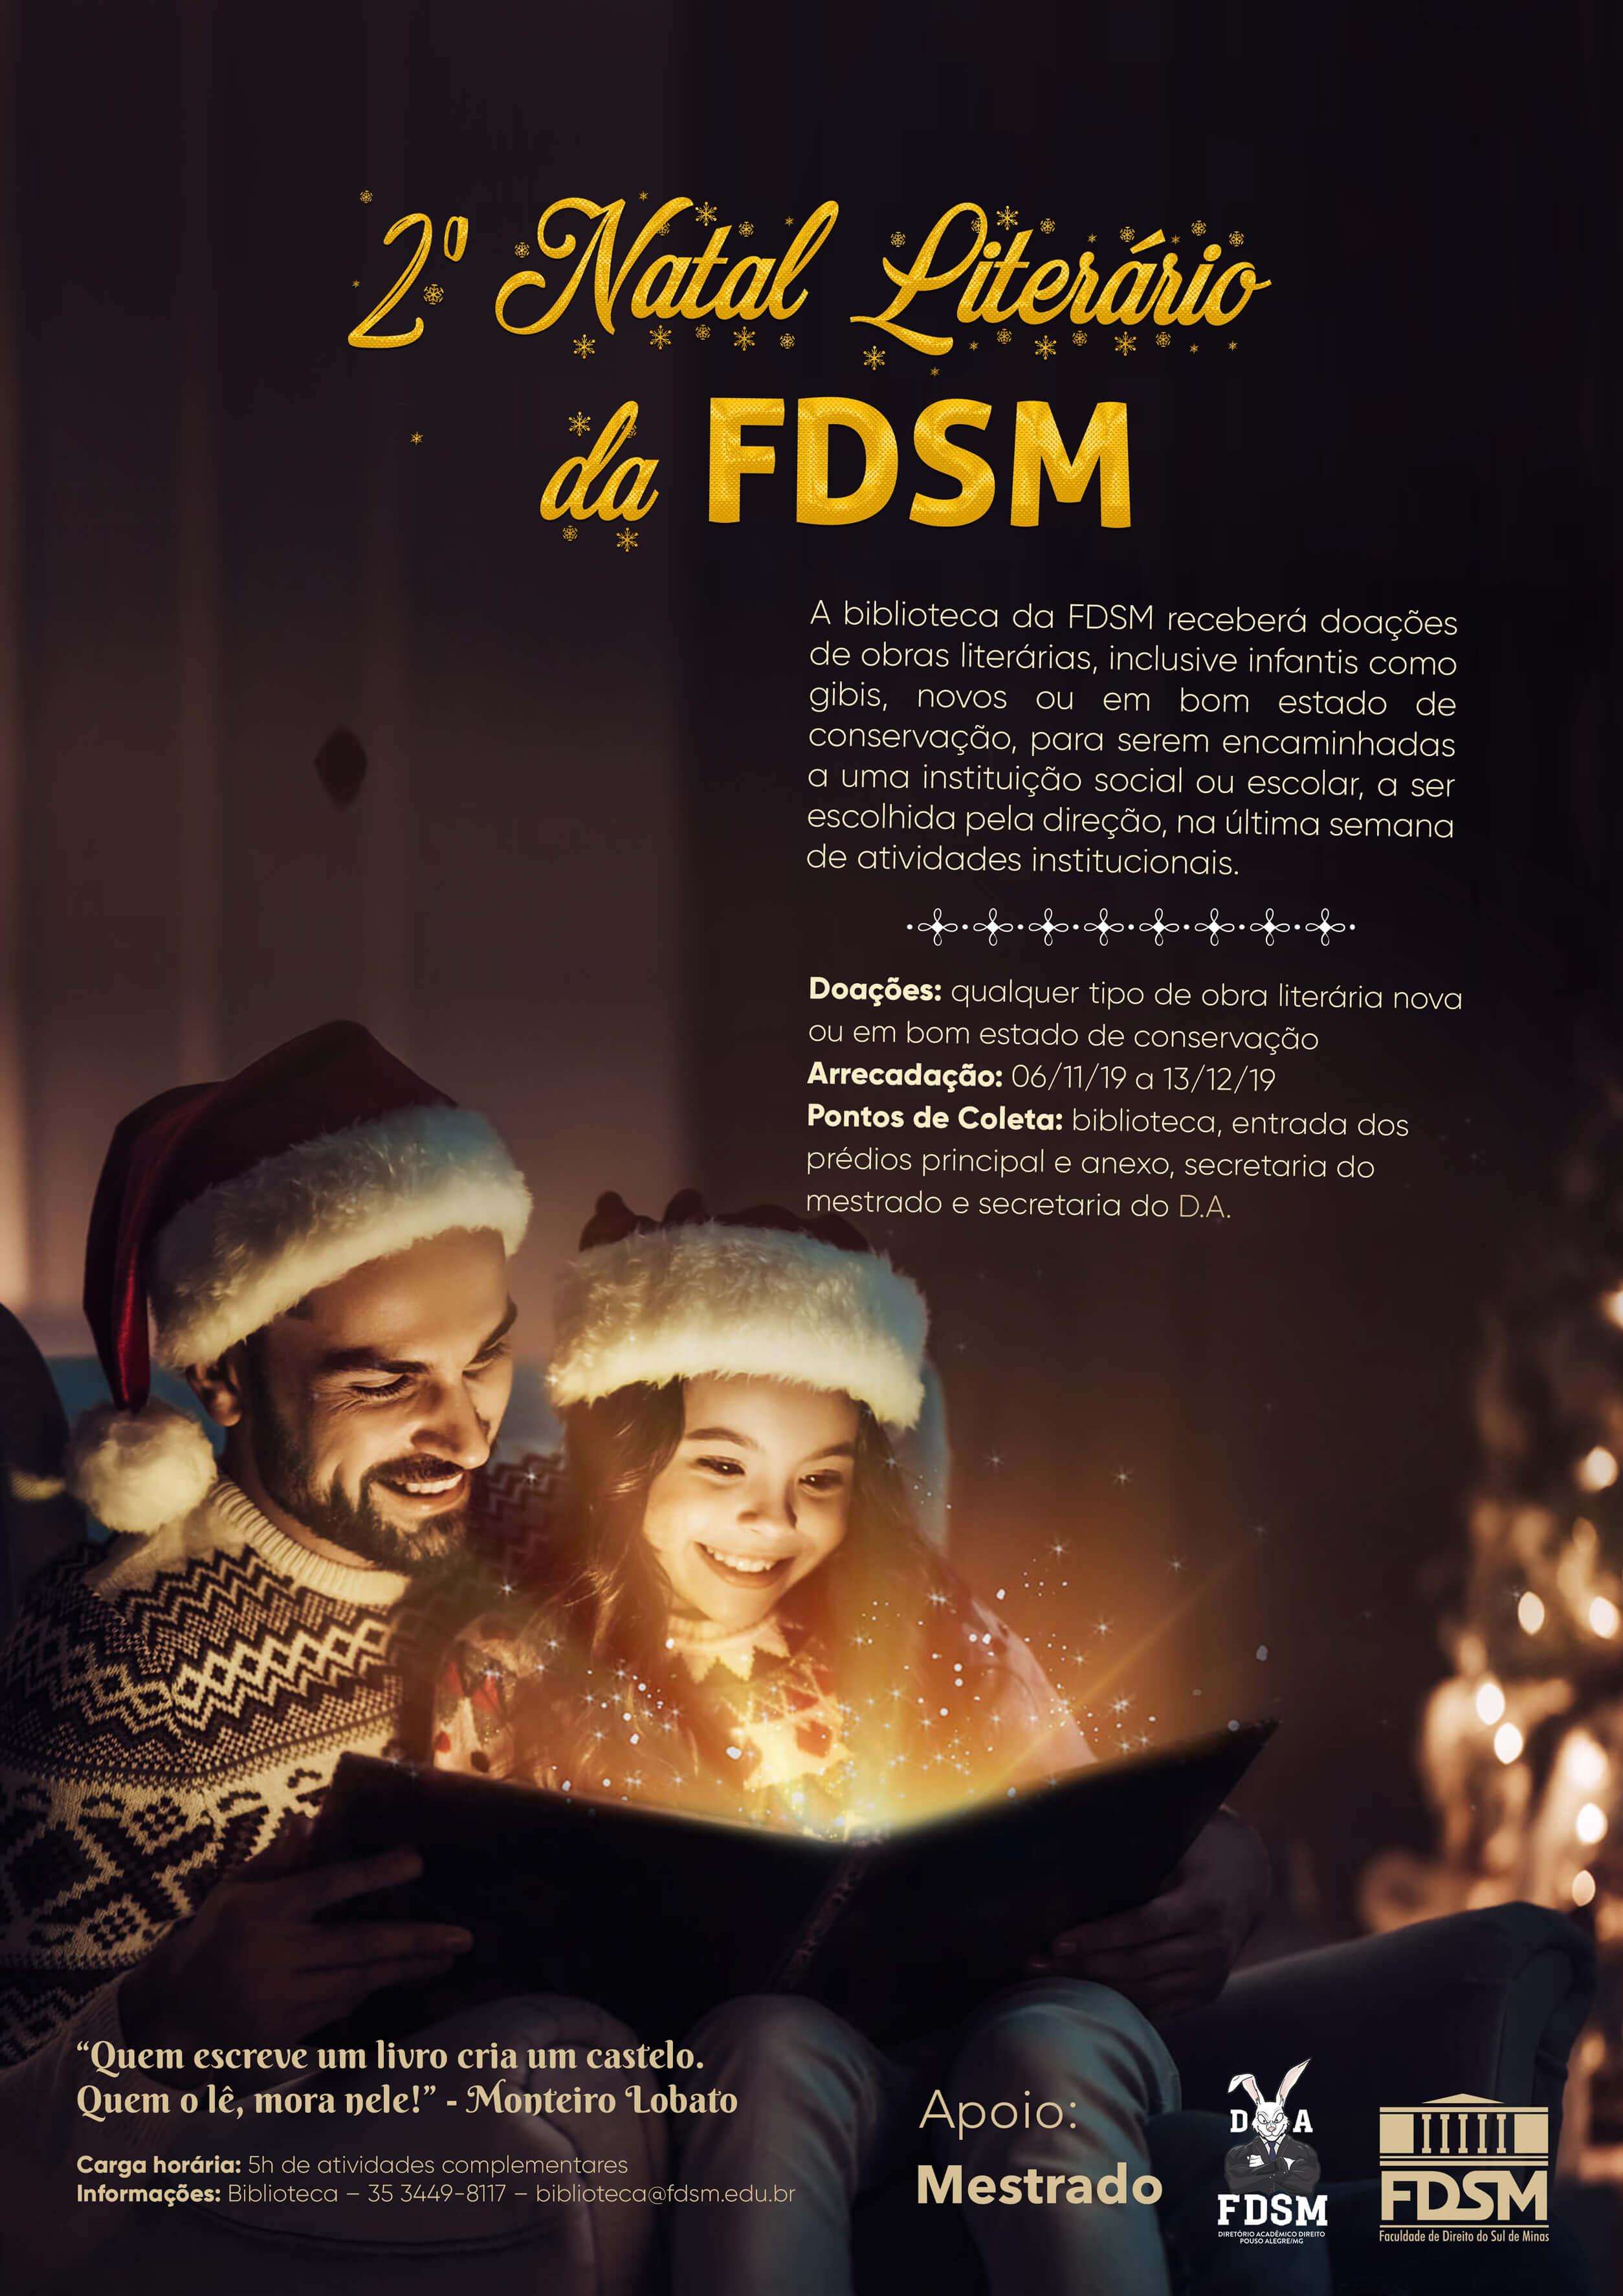 Noticia 6046 - 2º NATAL LITERÁRIO DA FDSM